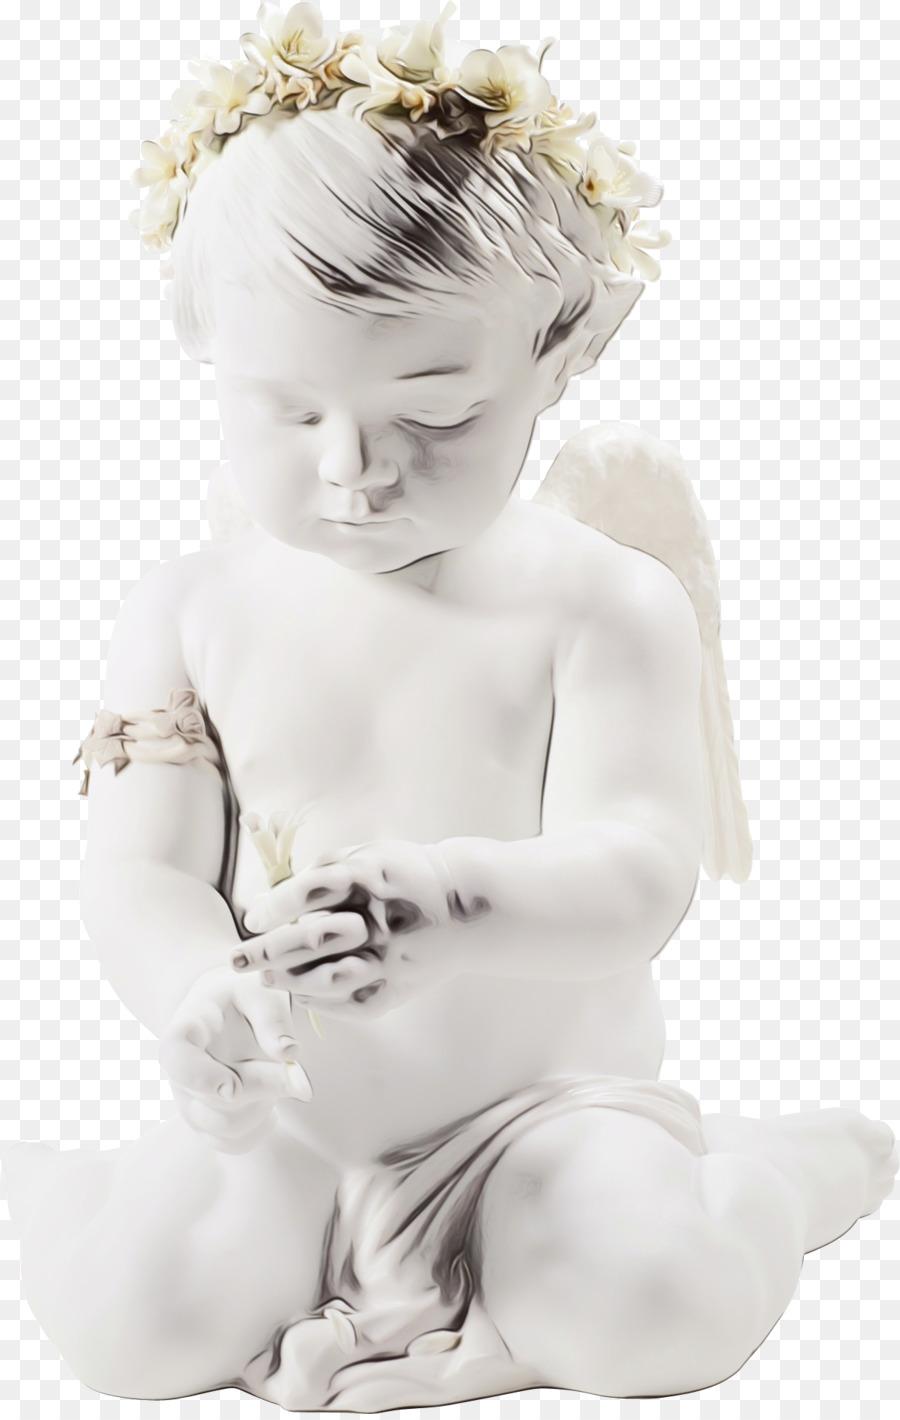 Descarga gratuita de Blanco, ángel, Niño Imágen de Png